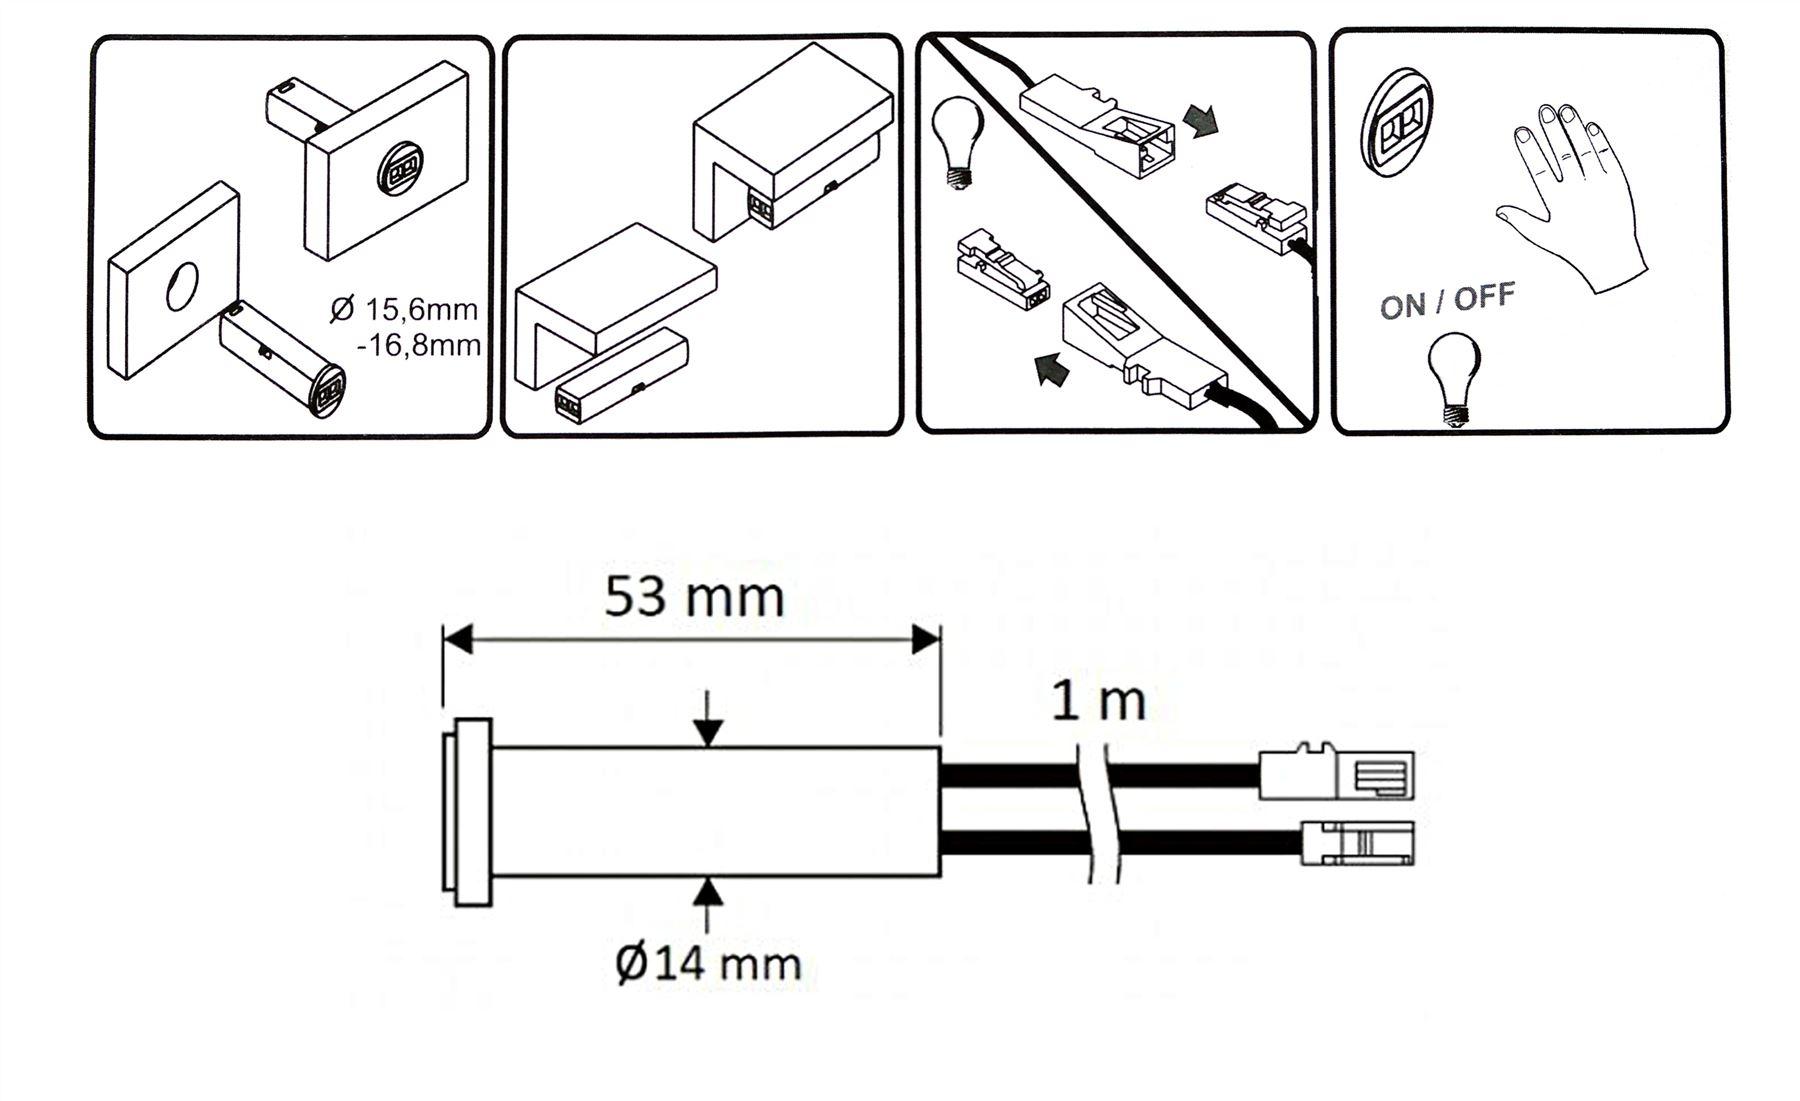 Indoor-DC-12V-24W-IR-Infrared-Motion-Sensor-Switch-for-LED-Light-White-Black thumbnail 4